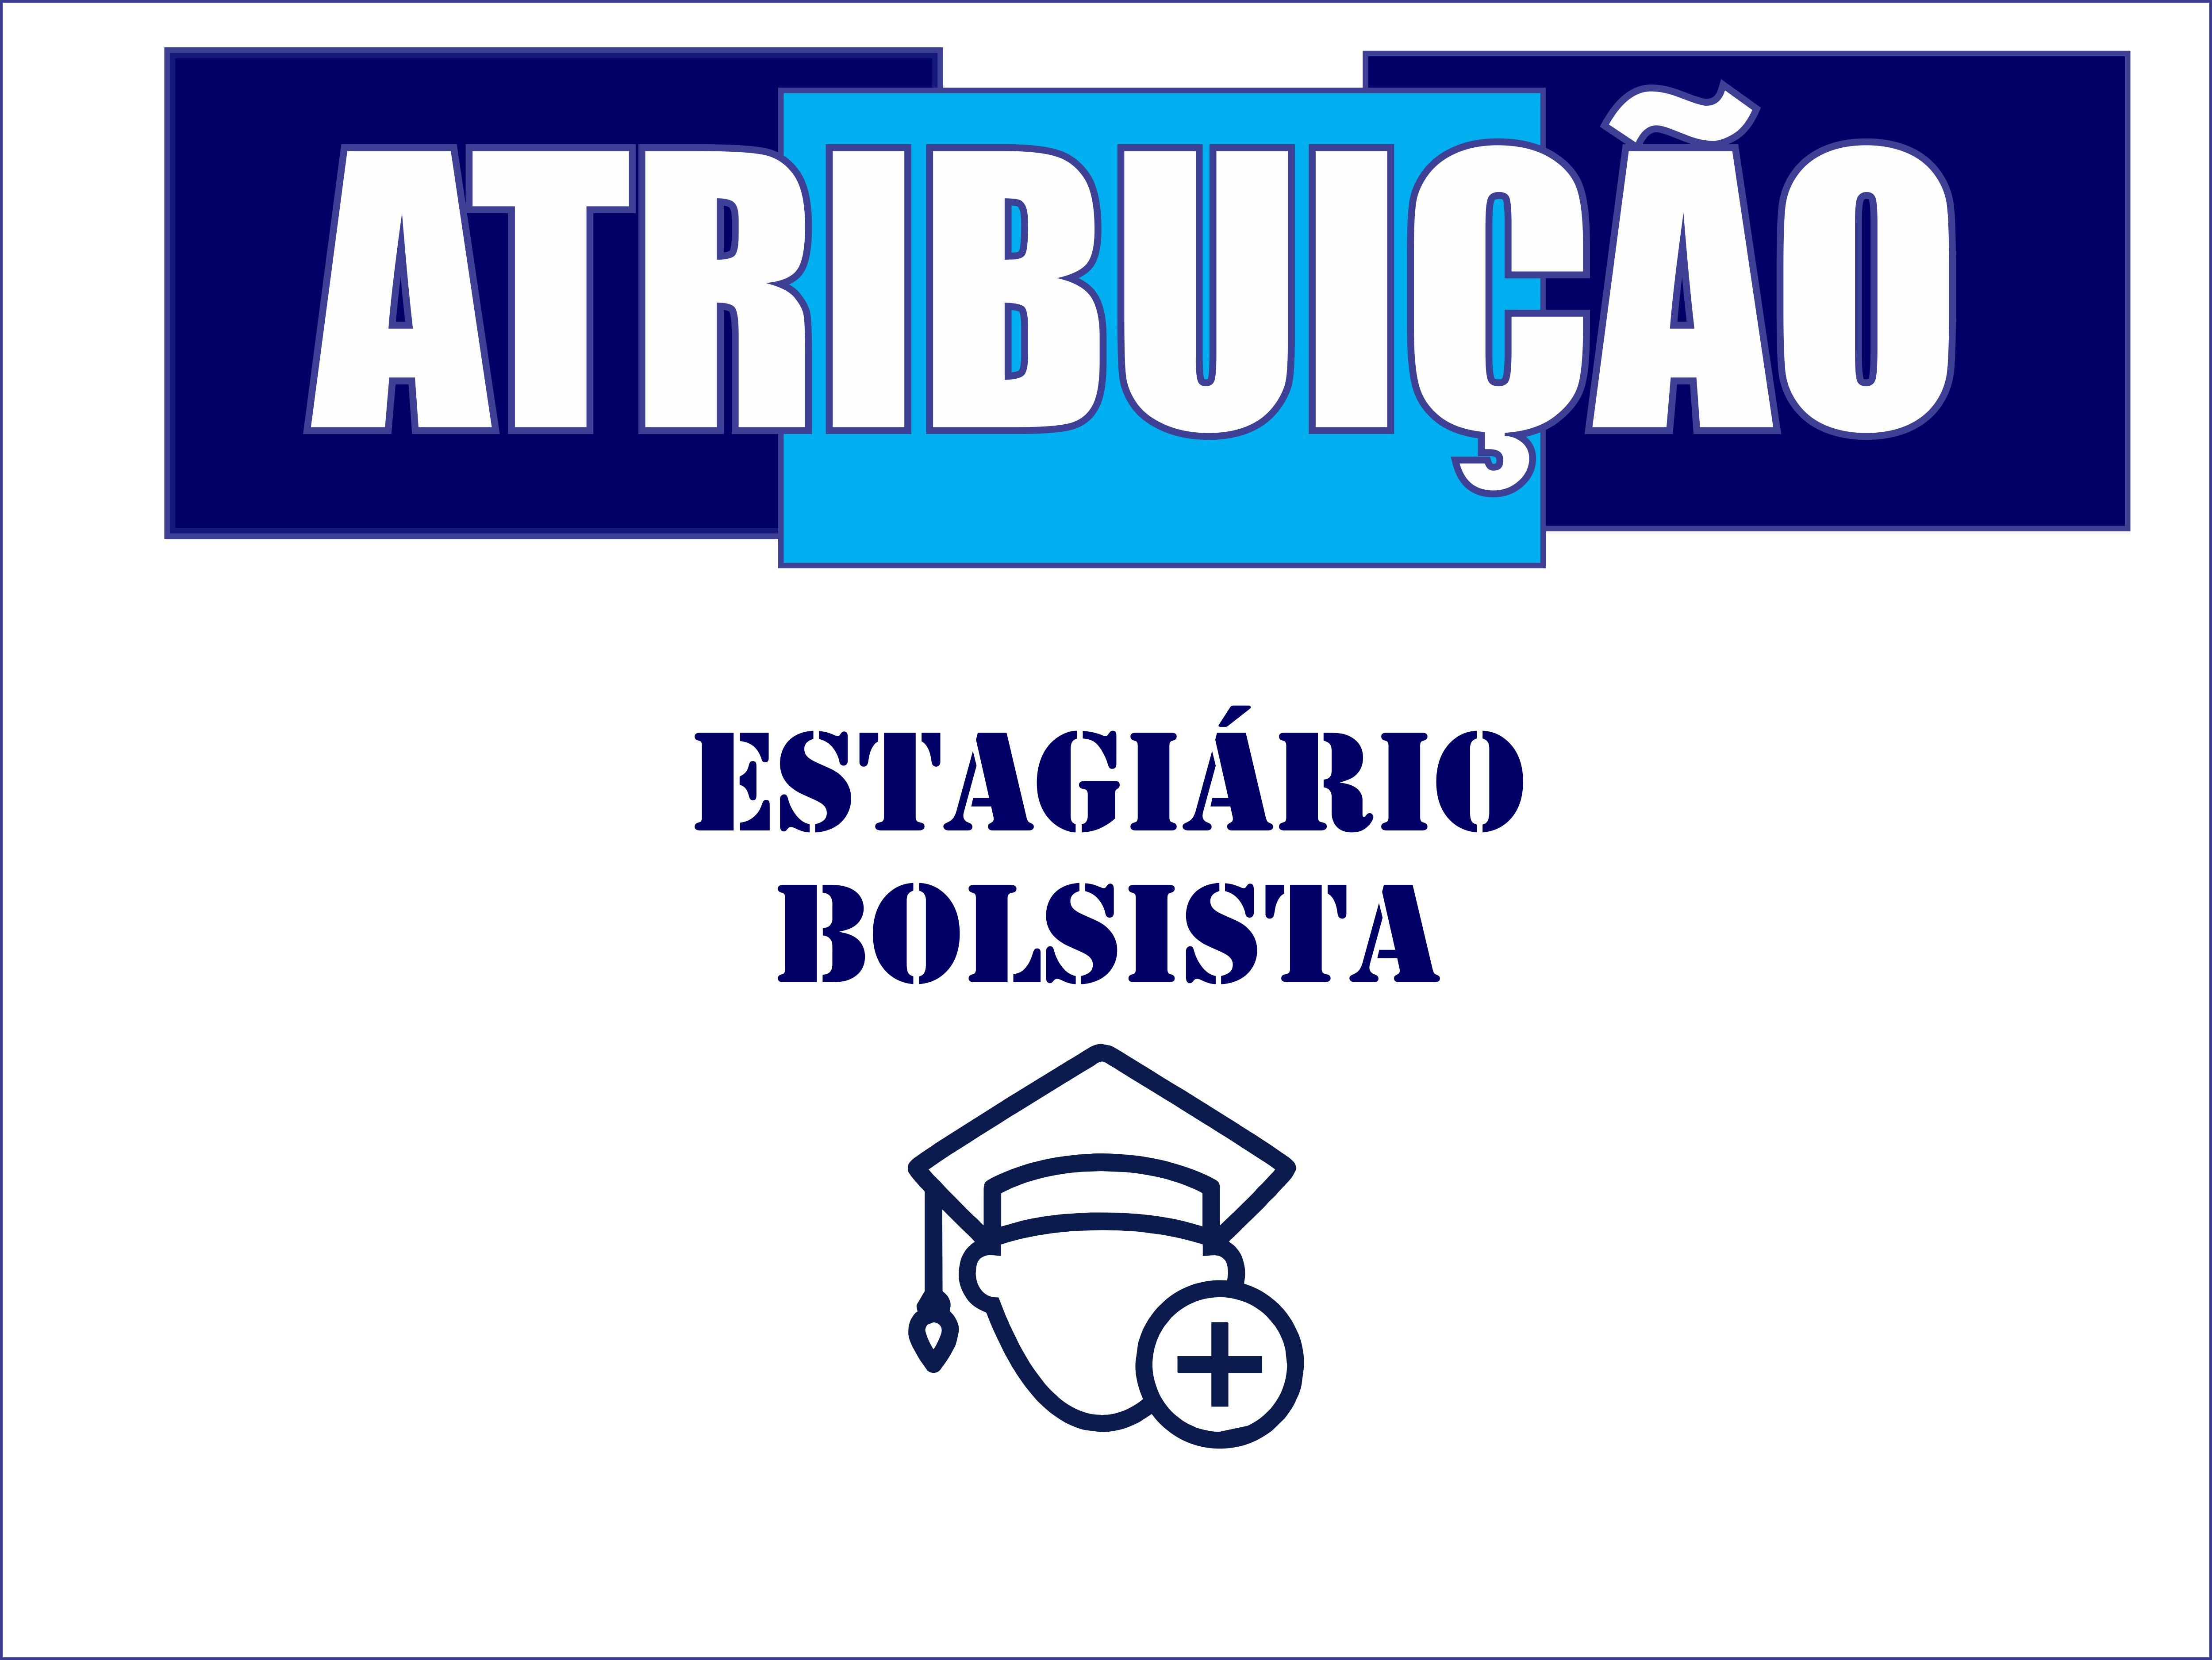 2ª SESSÃO DE ATRIBUIÇÃO BOLSISTA ESTAGIÁRIO - SEGUNDA-FEIRA DIA 21/05